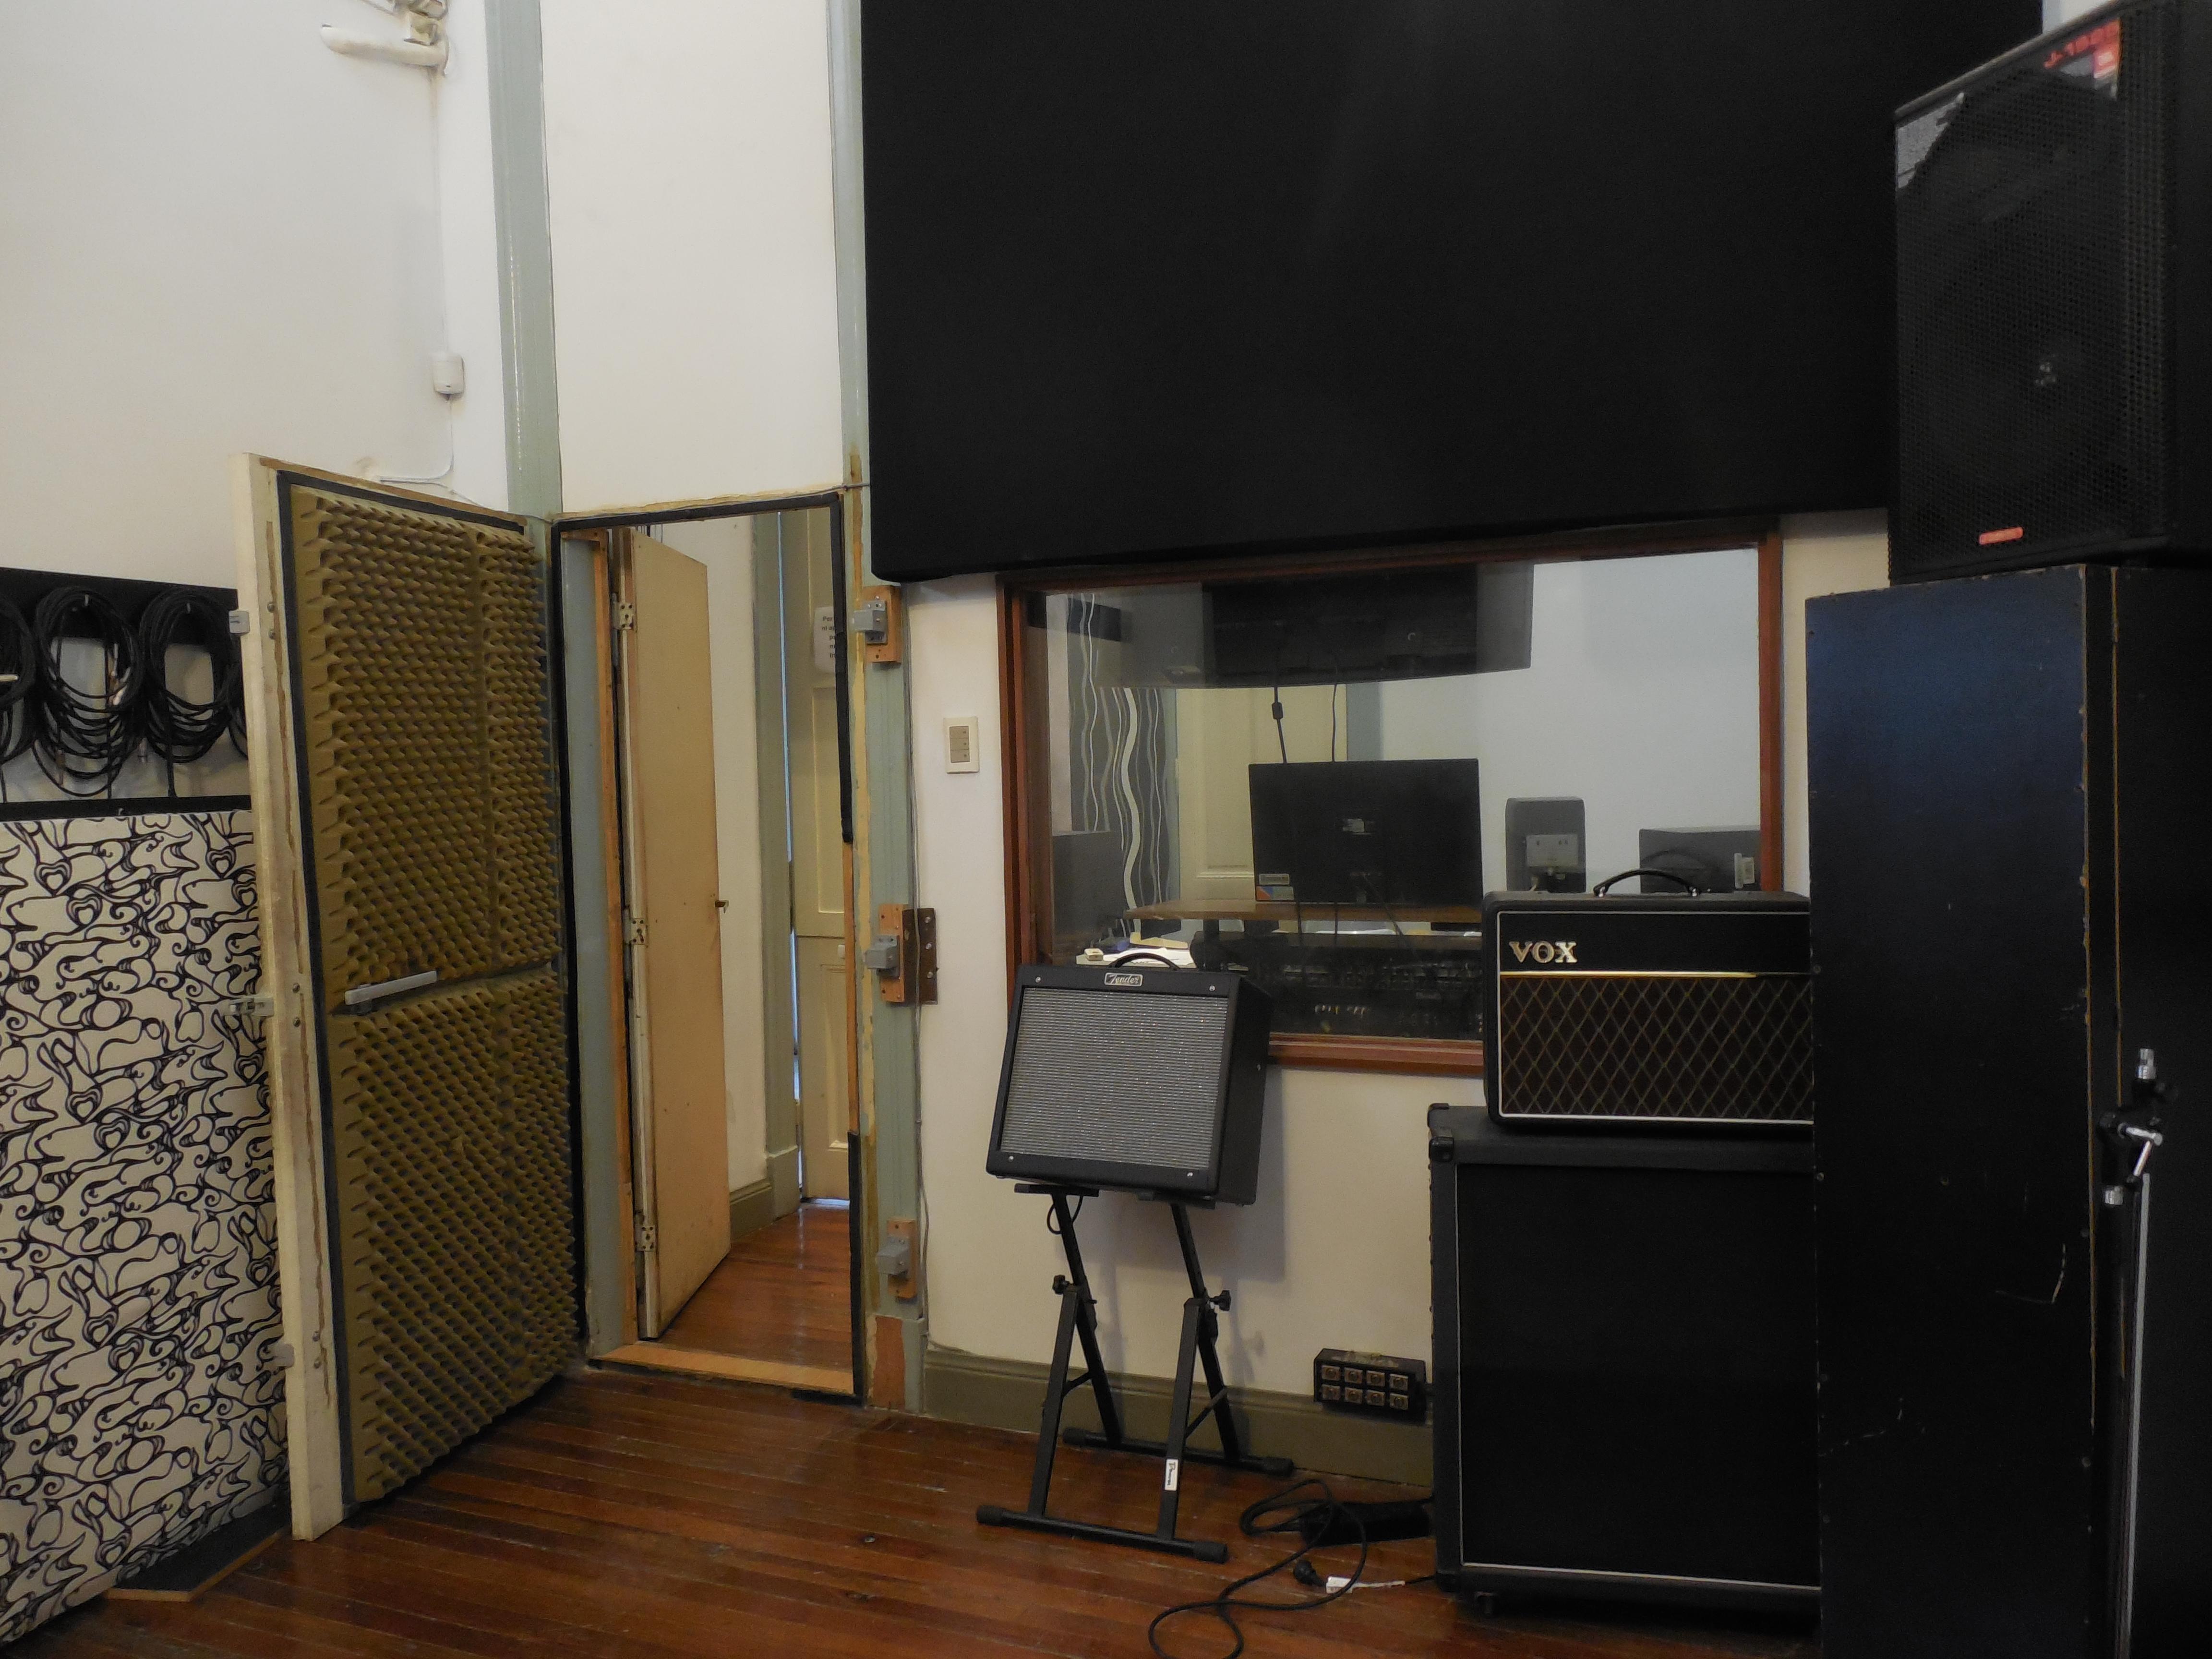 Estudio de Grabación Ecos - Estudio de Grabación del Instituto de Sonido Ecos